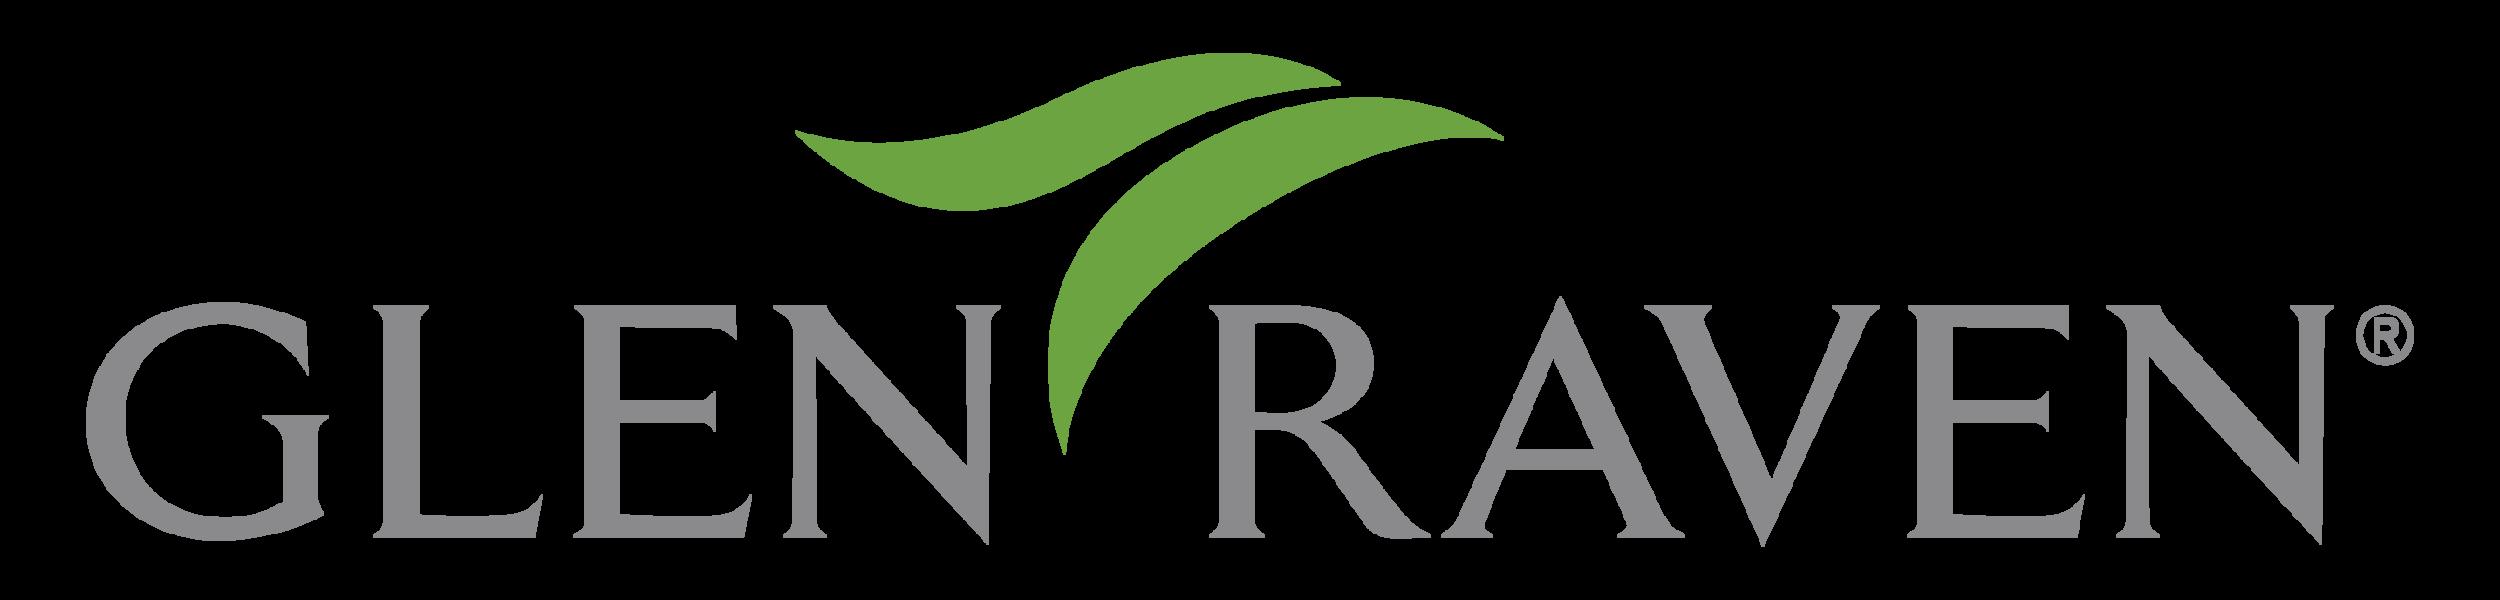 Glen-Raven-Logo.png